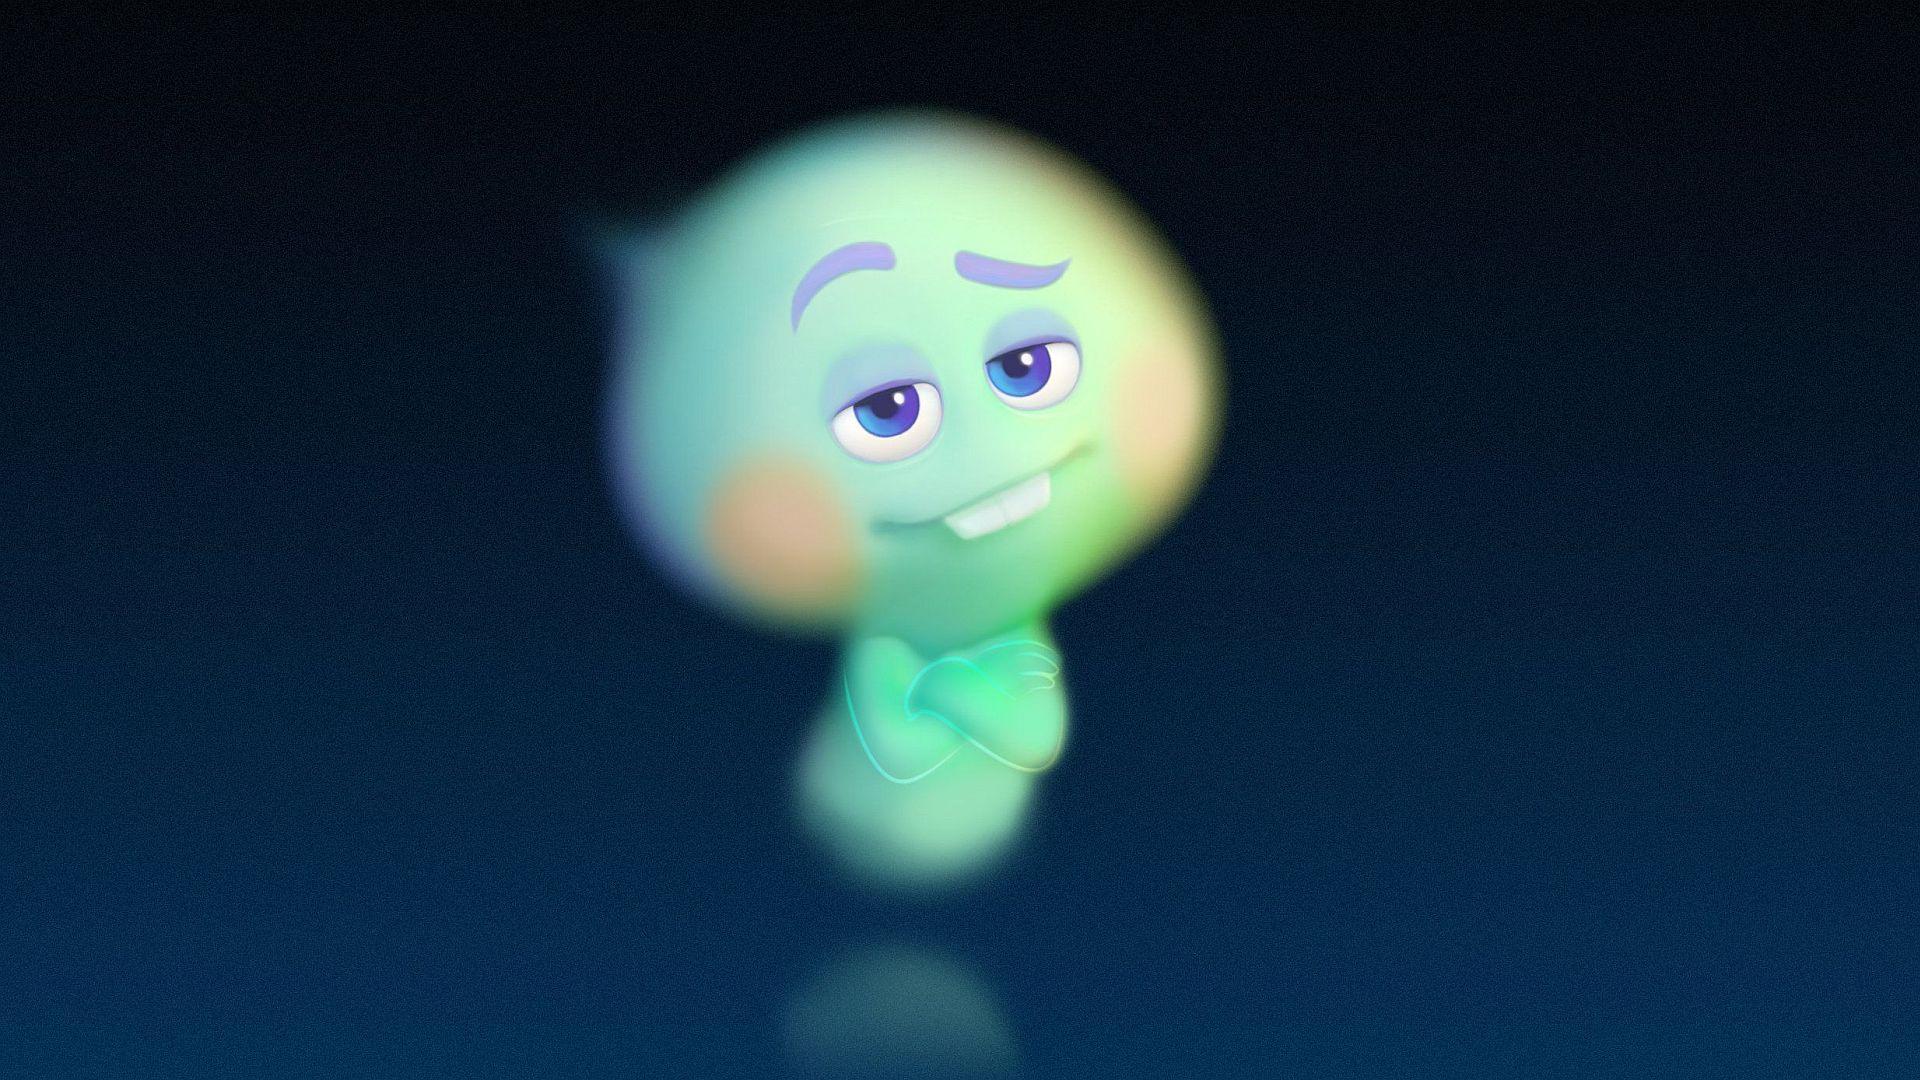 Трейлер мультфильма «Душа» от Pixar и Disney